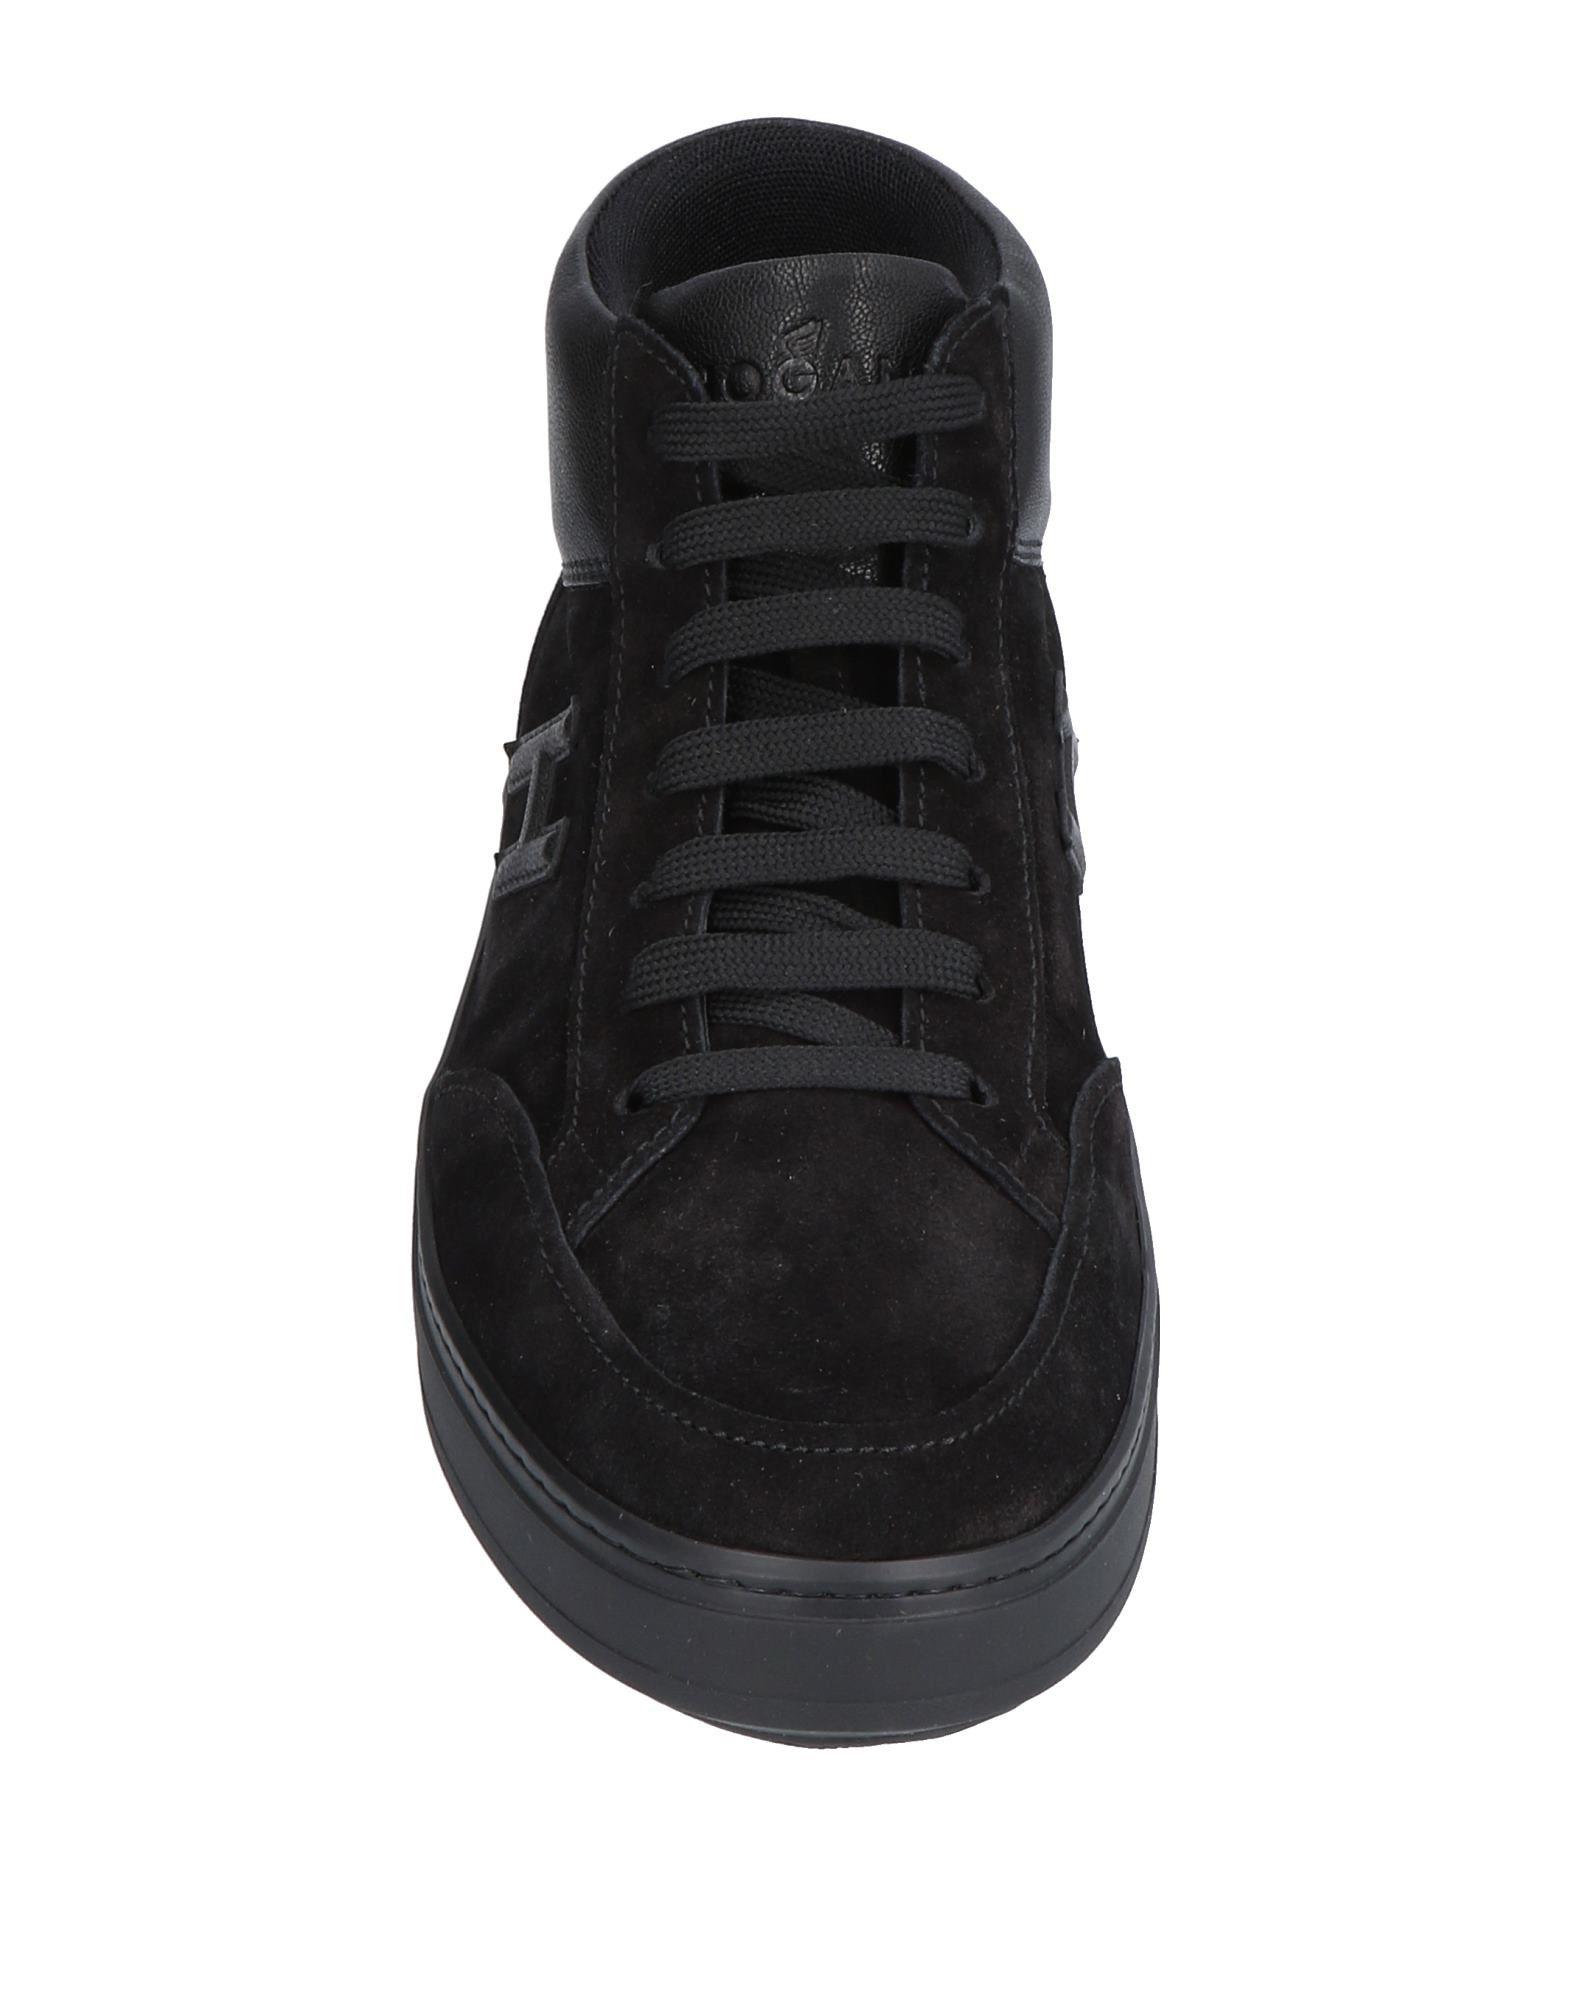 Hogan 11484417KA Sneakers Herren  11484417KA Hogan Gute Qualität beliebte Schuhe 949fc5